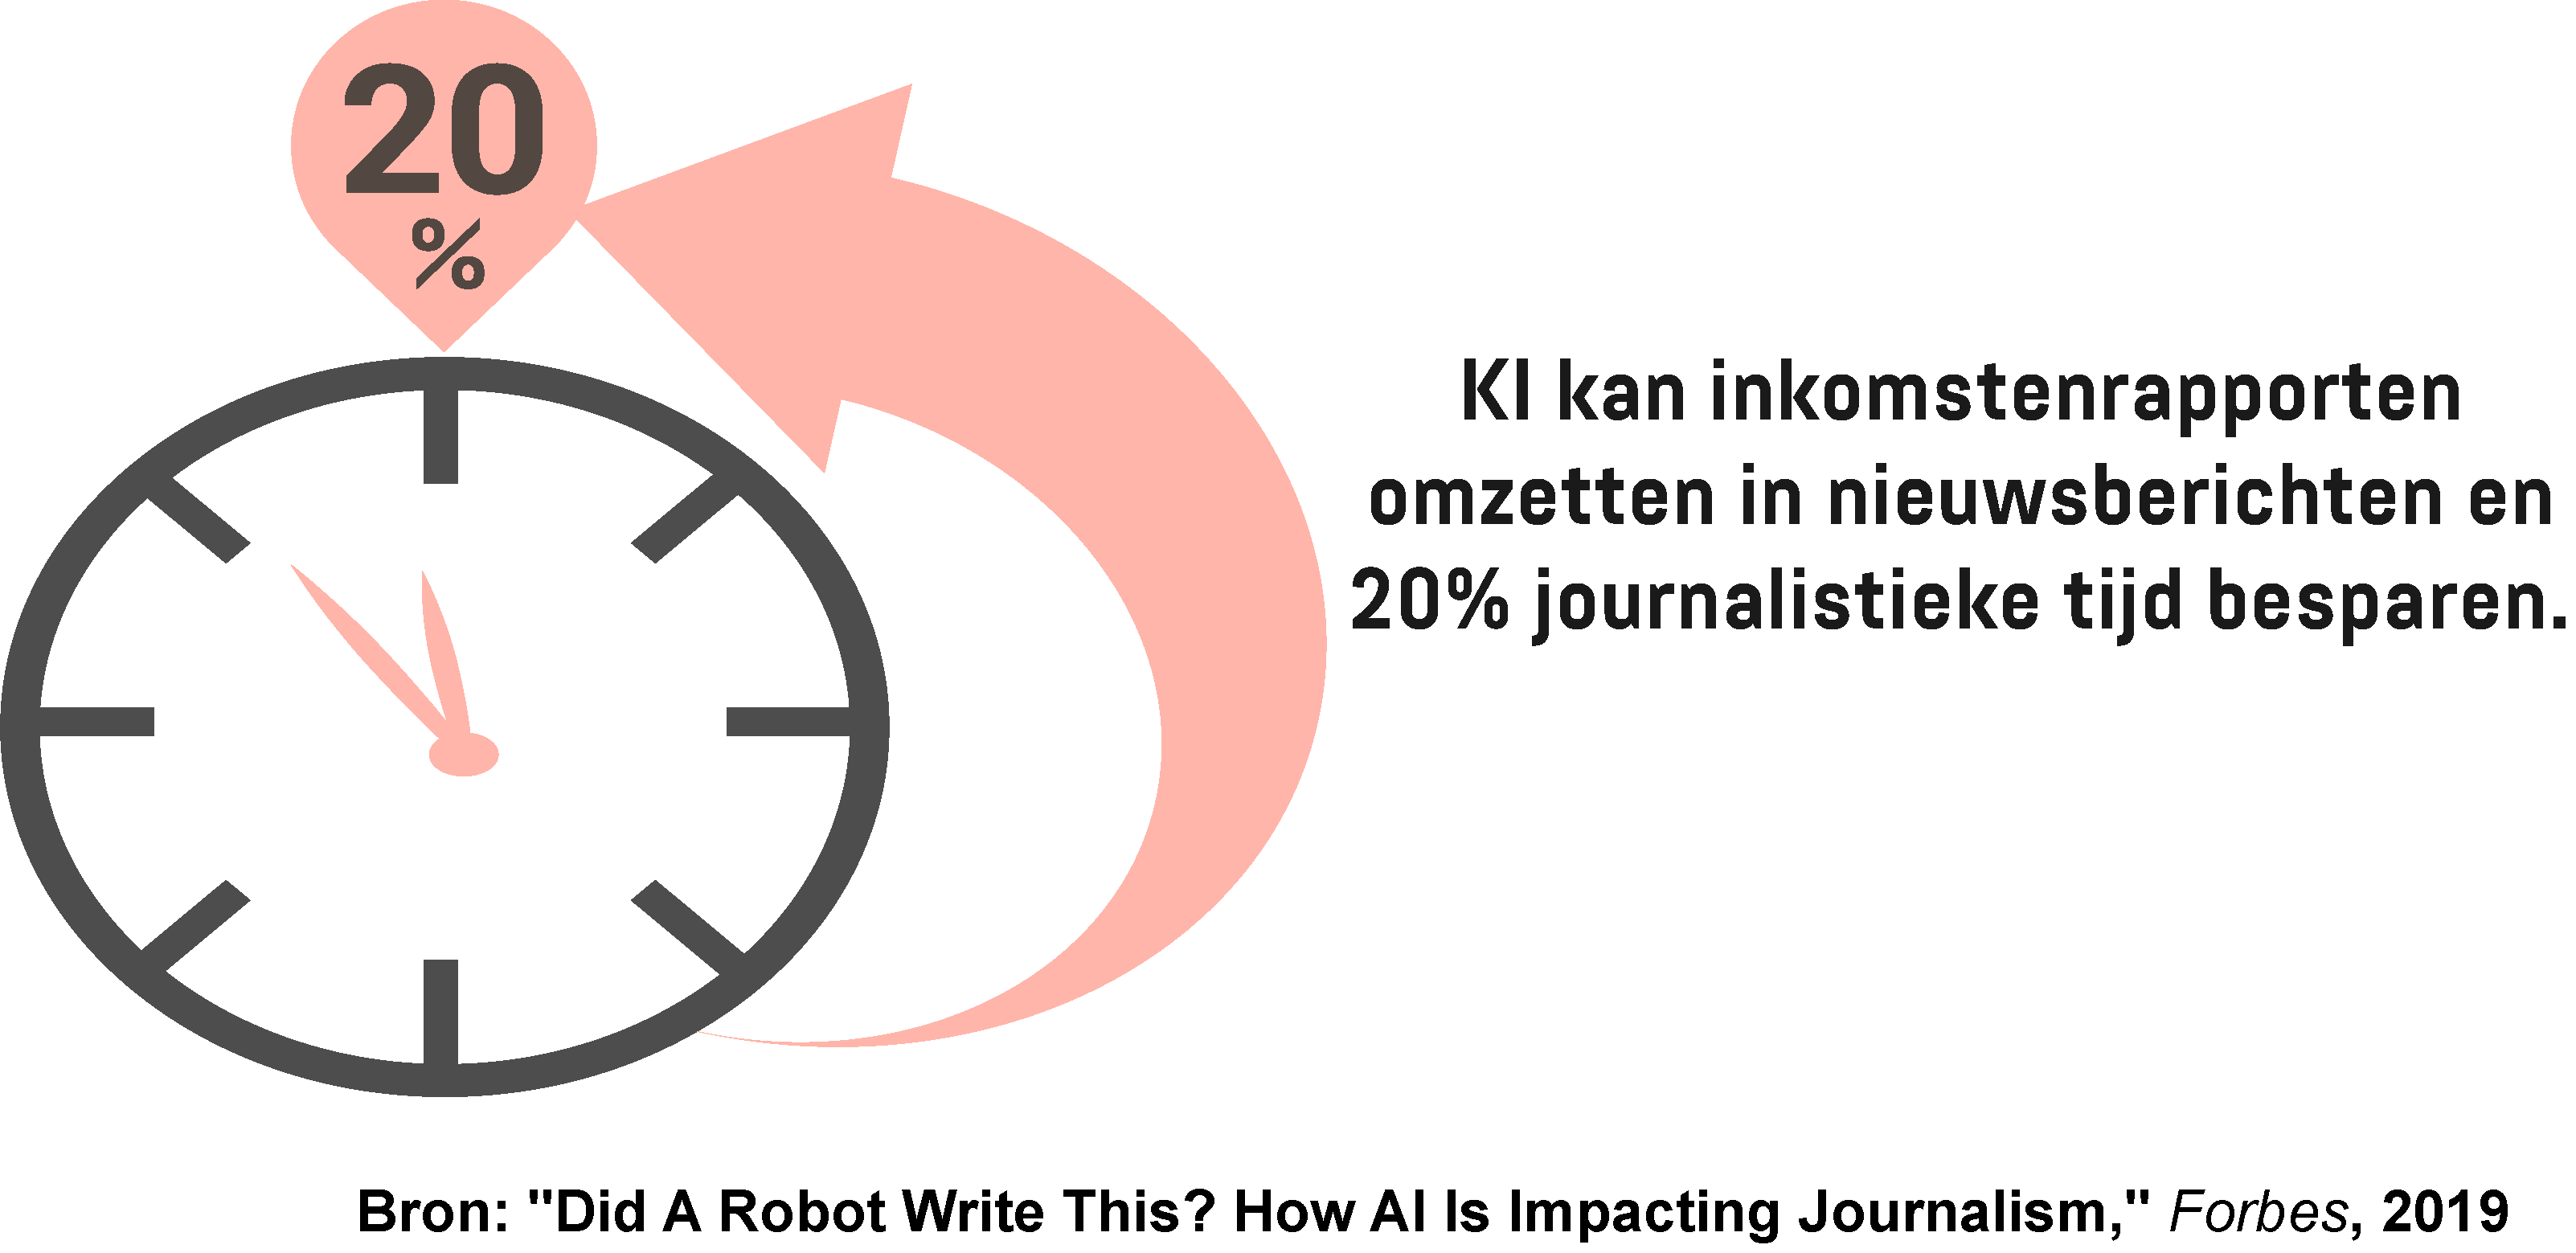 Infographic die laat zien hoeveel tijd journalisten kunnen besparen